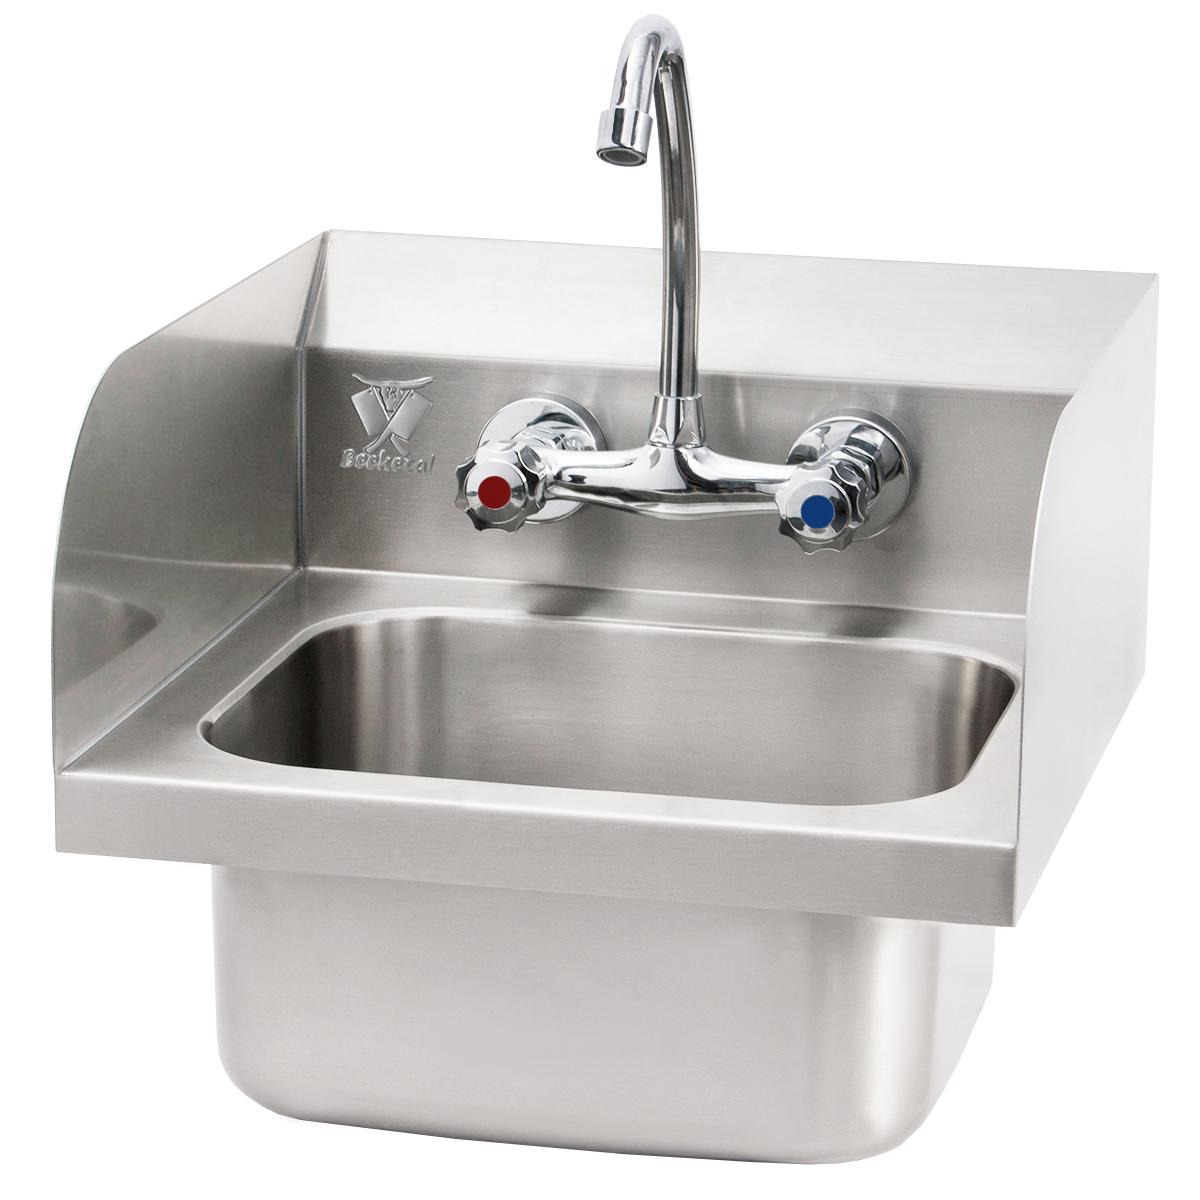 beeketal gastro edelstahl handwaschbecken waschbecken. Black Bedroom Furniture Sets. Home Design Ideas